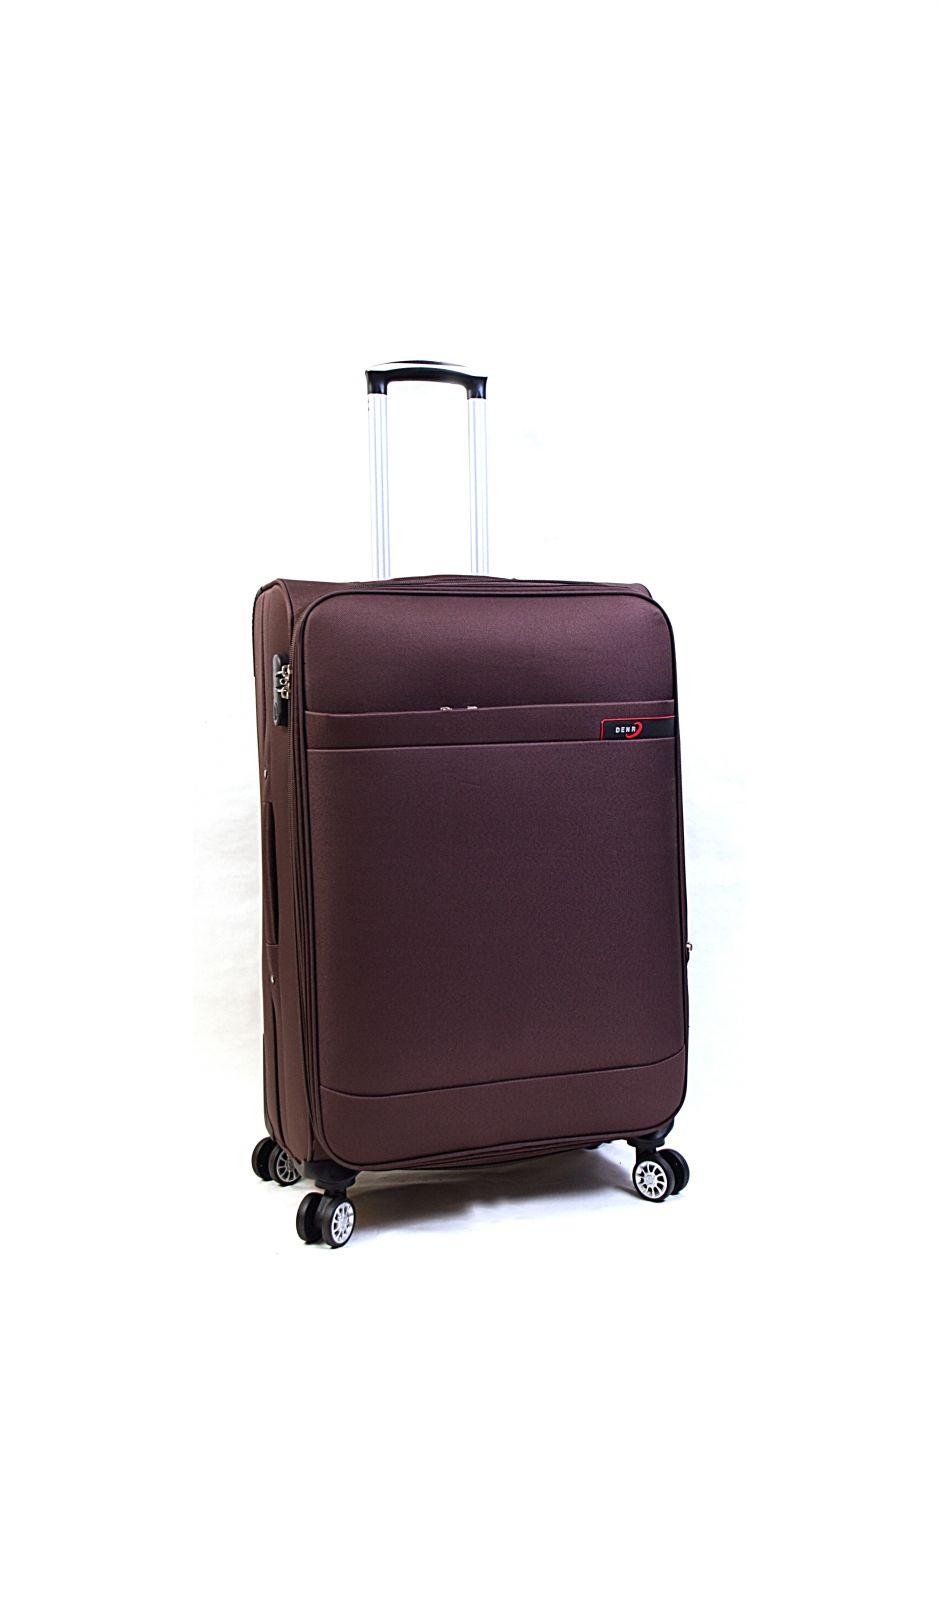 Extra lihght Trolley-CASE TC-882 4w velký hnědý E-batoh